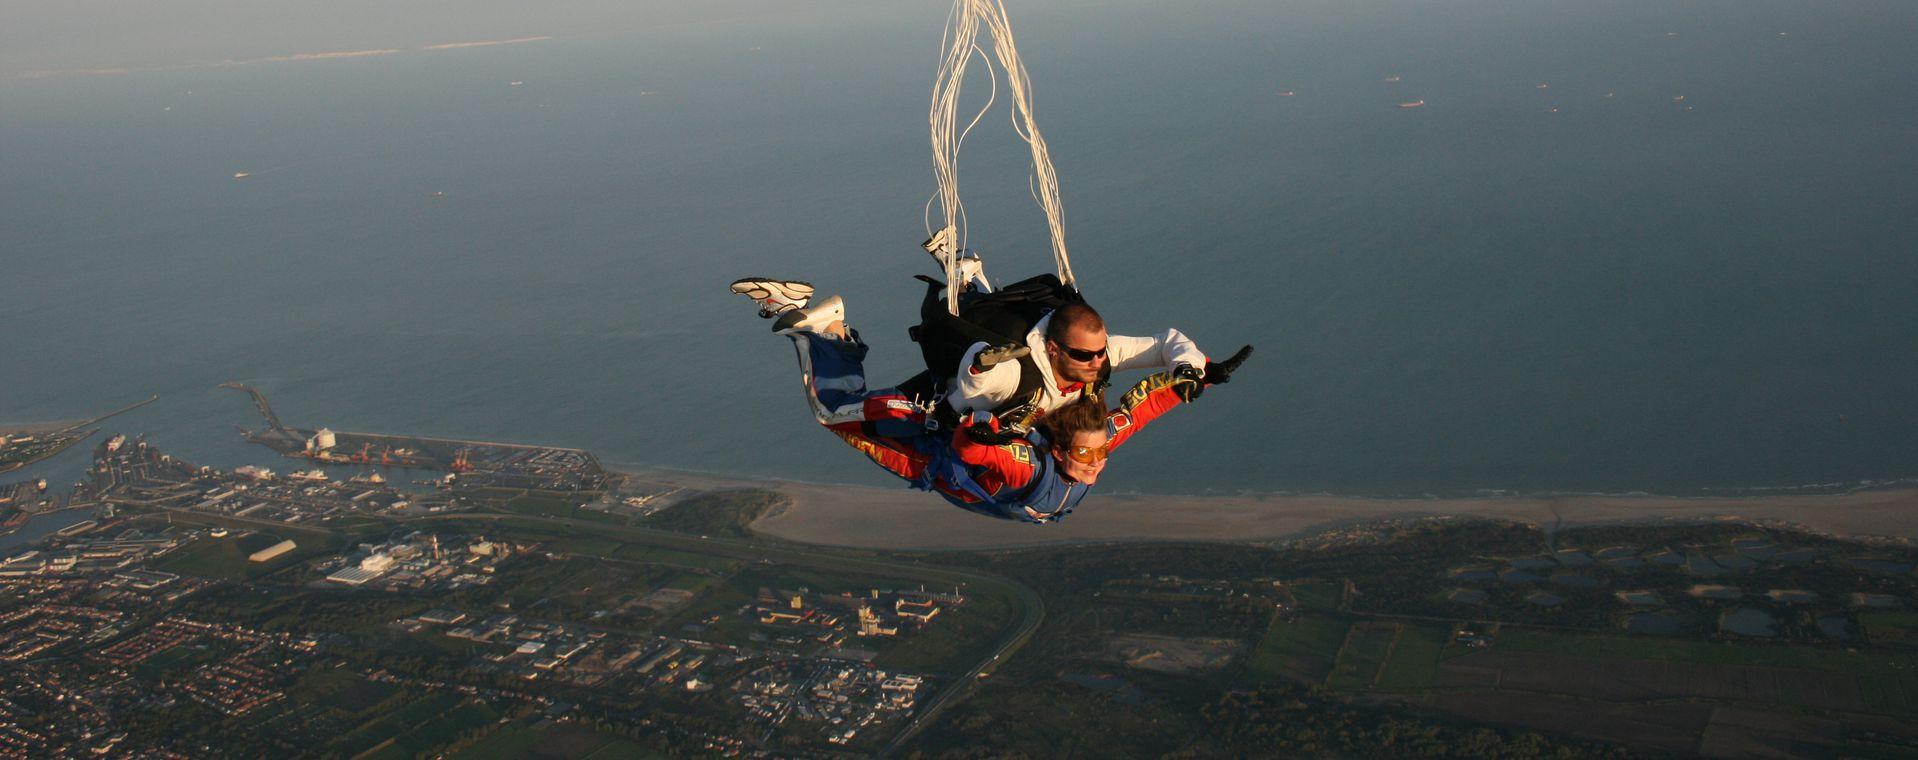 saut-parachute-calais-marck